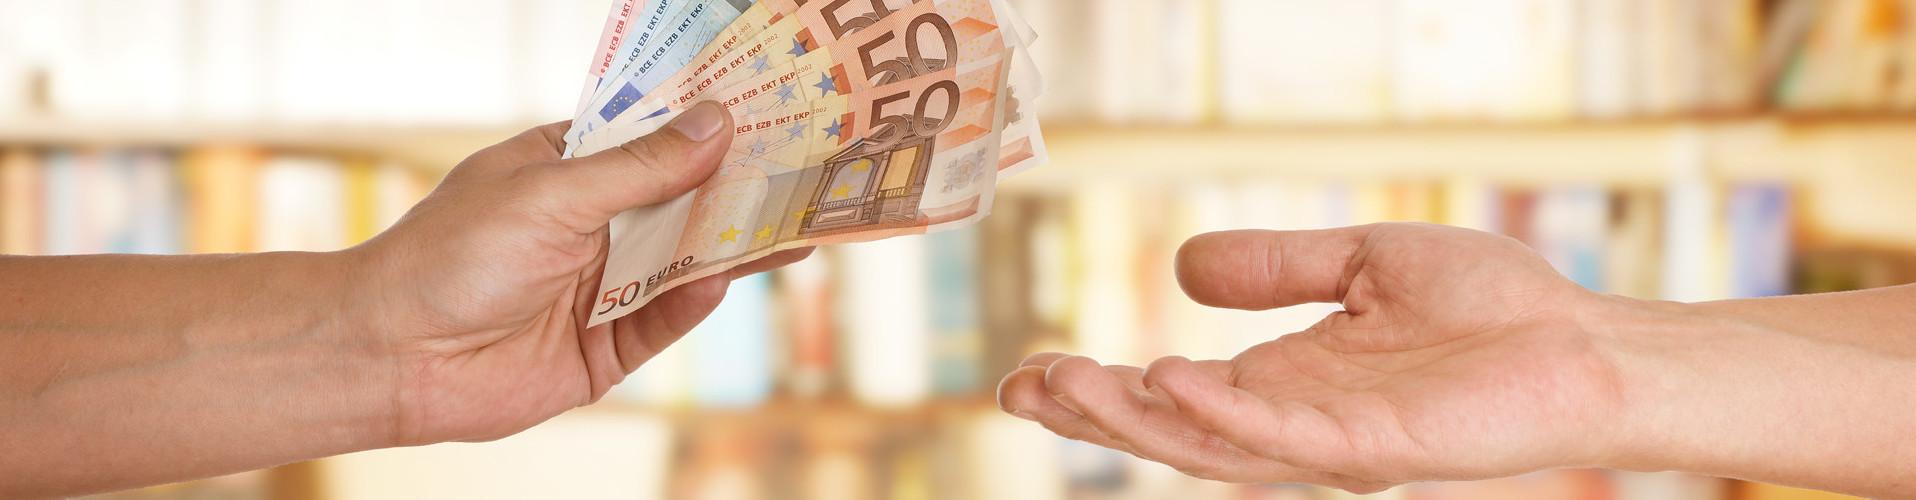 Eine Hand überreicht einer anderen Geld © underdogstudios, stock.adobe.com